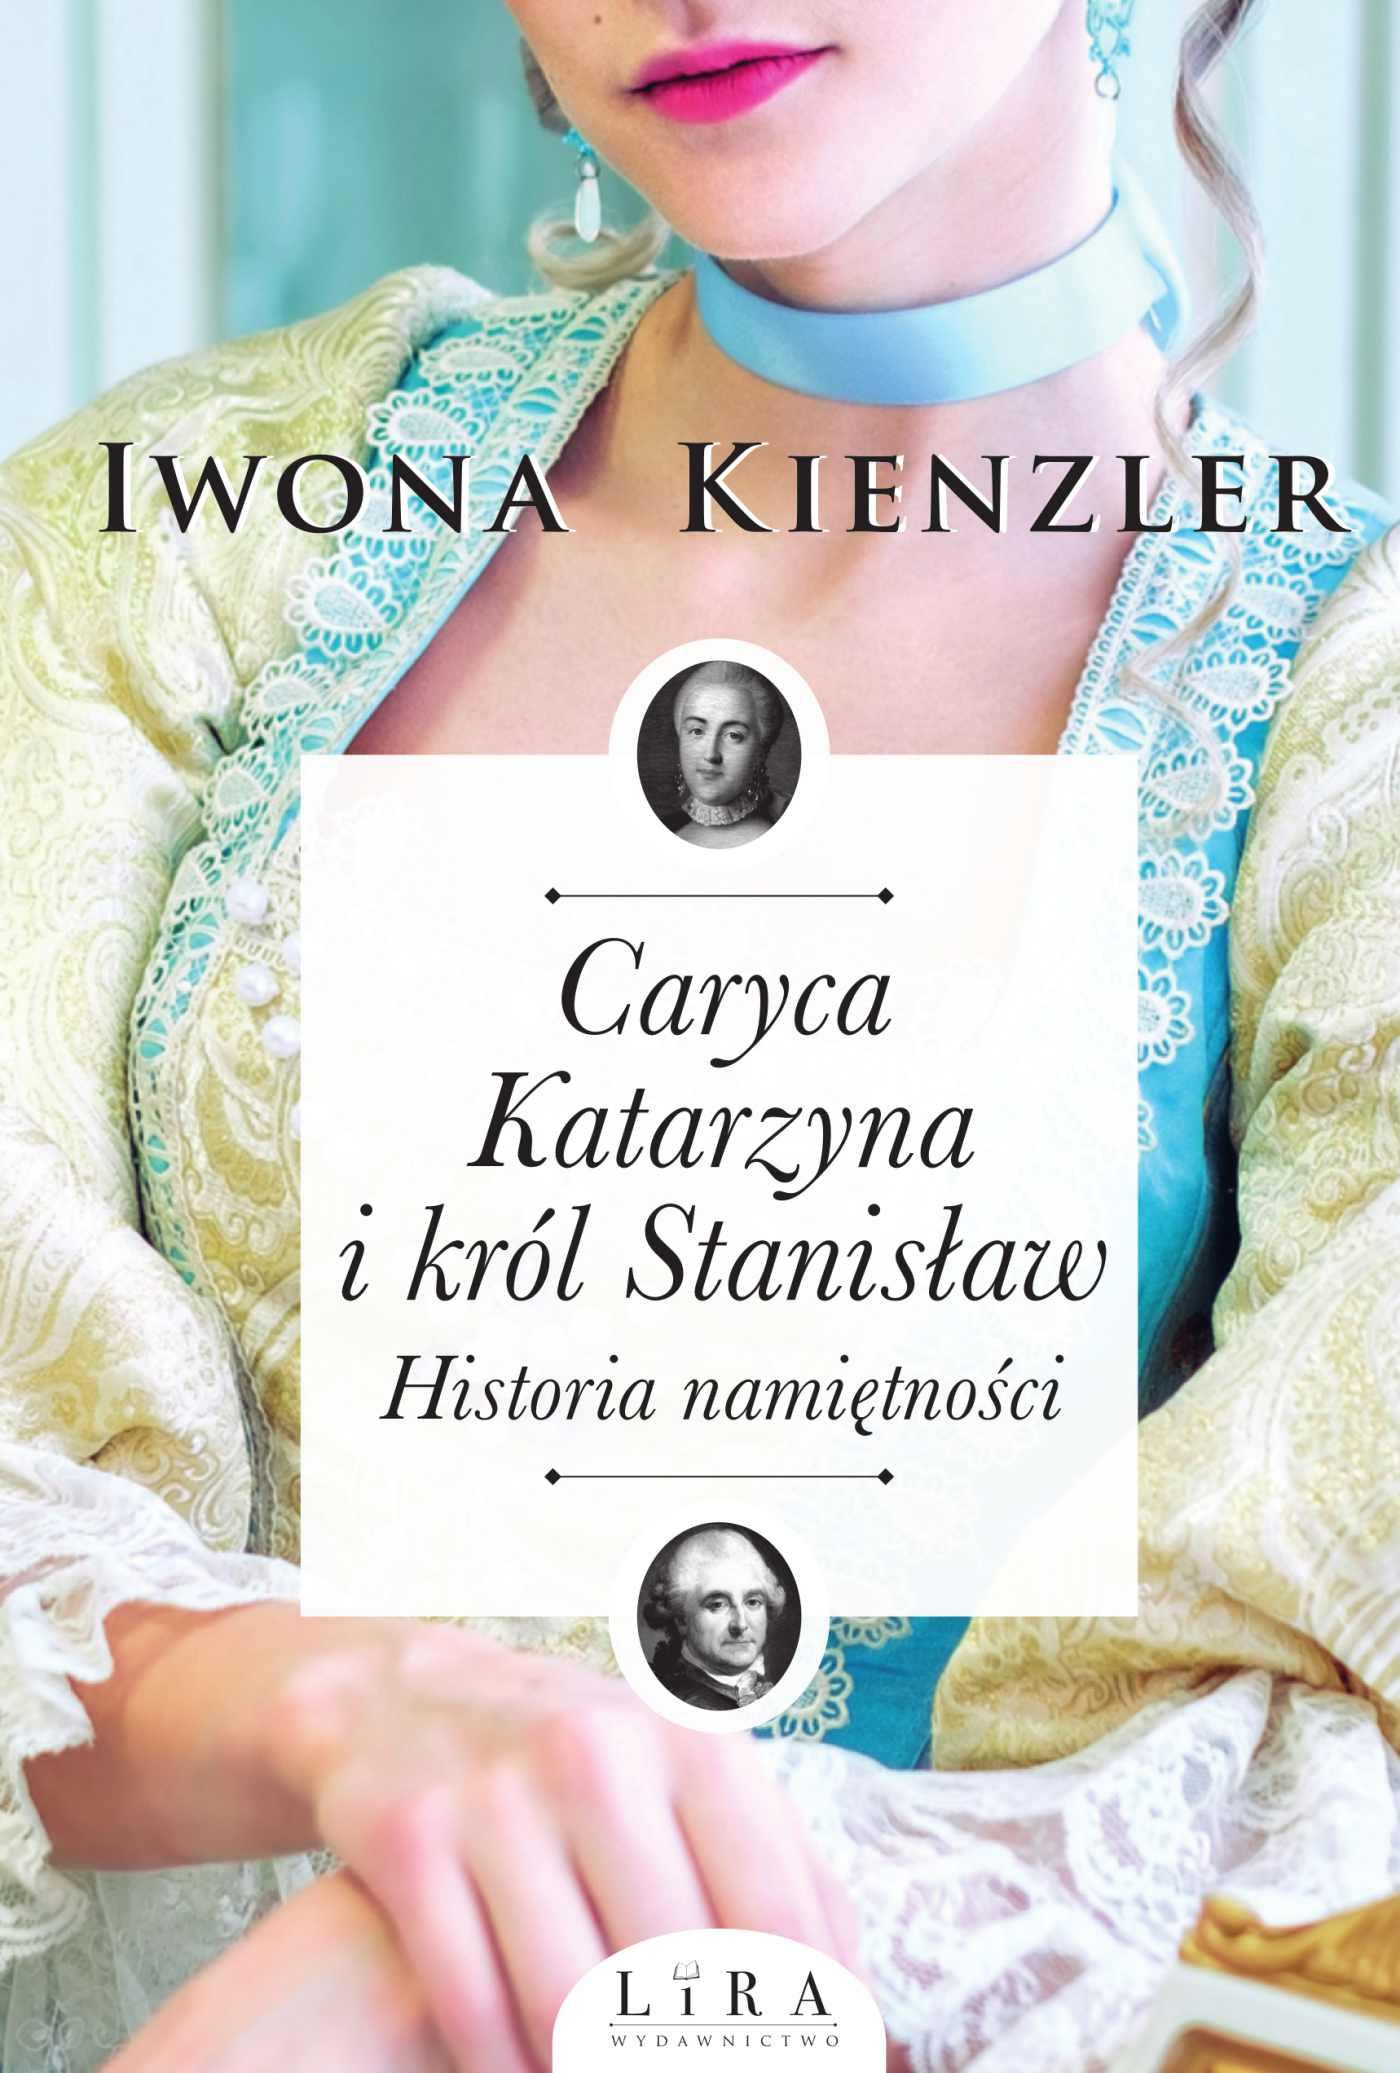 Caryca Katarzyna i król Stanisław. Historia namiętności - Ebook (Książka na Kindle) do pobrania w formacie MOBI